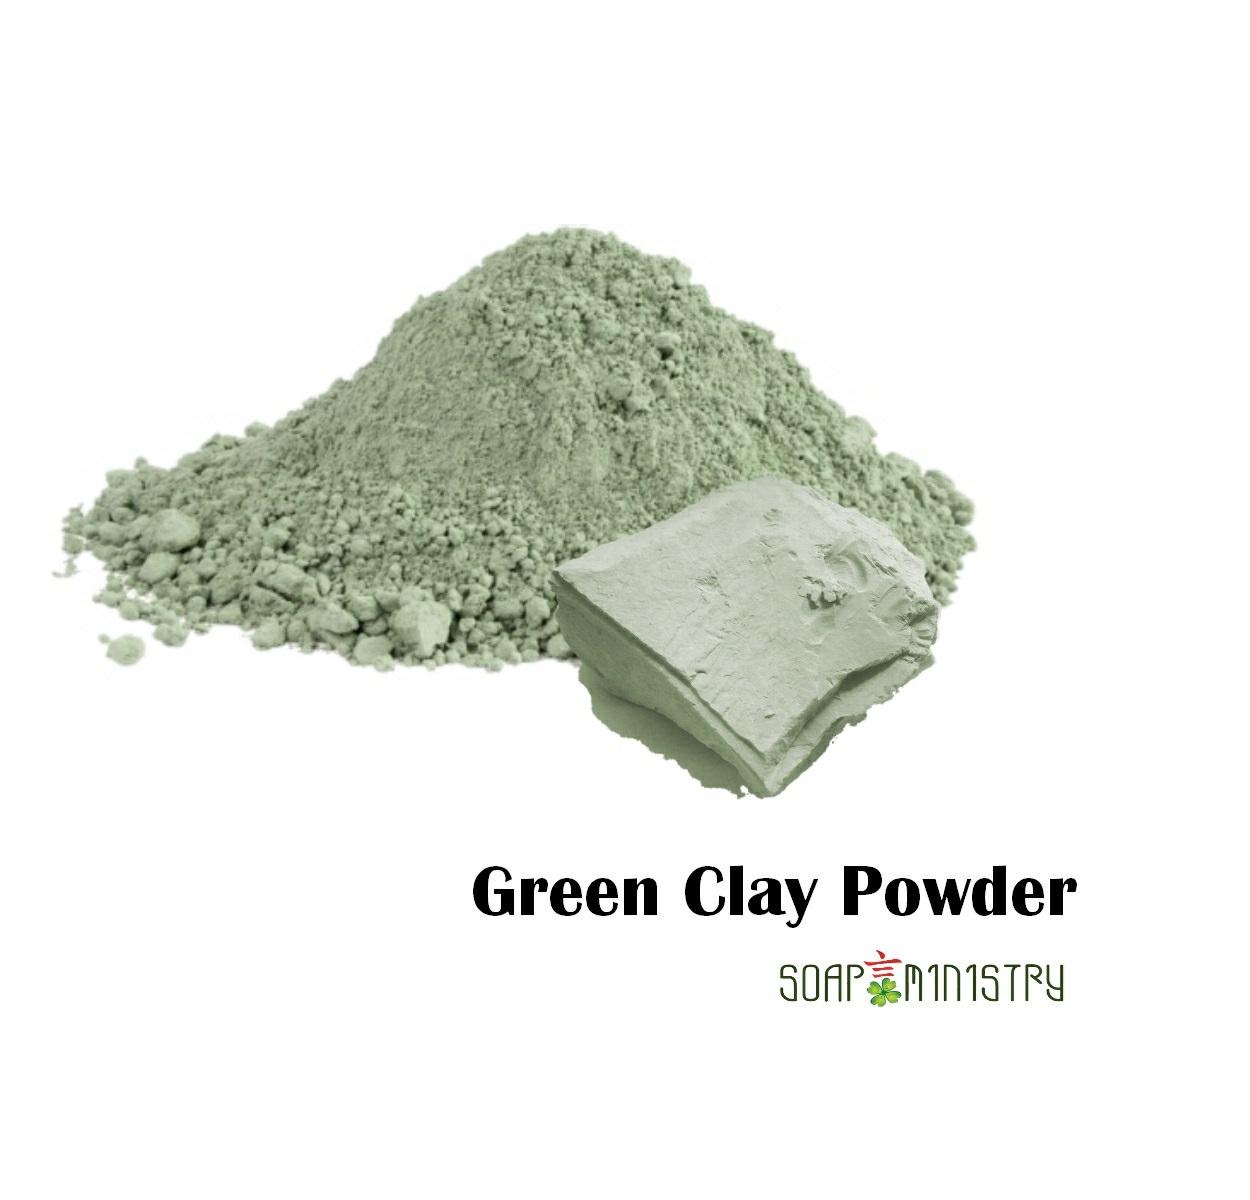 Green Clay Powder 250g